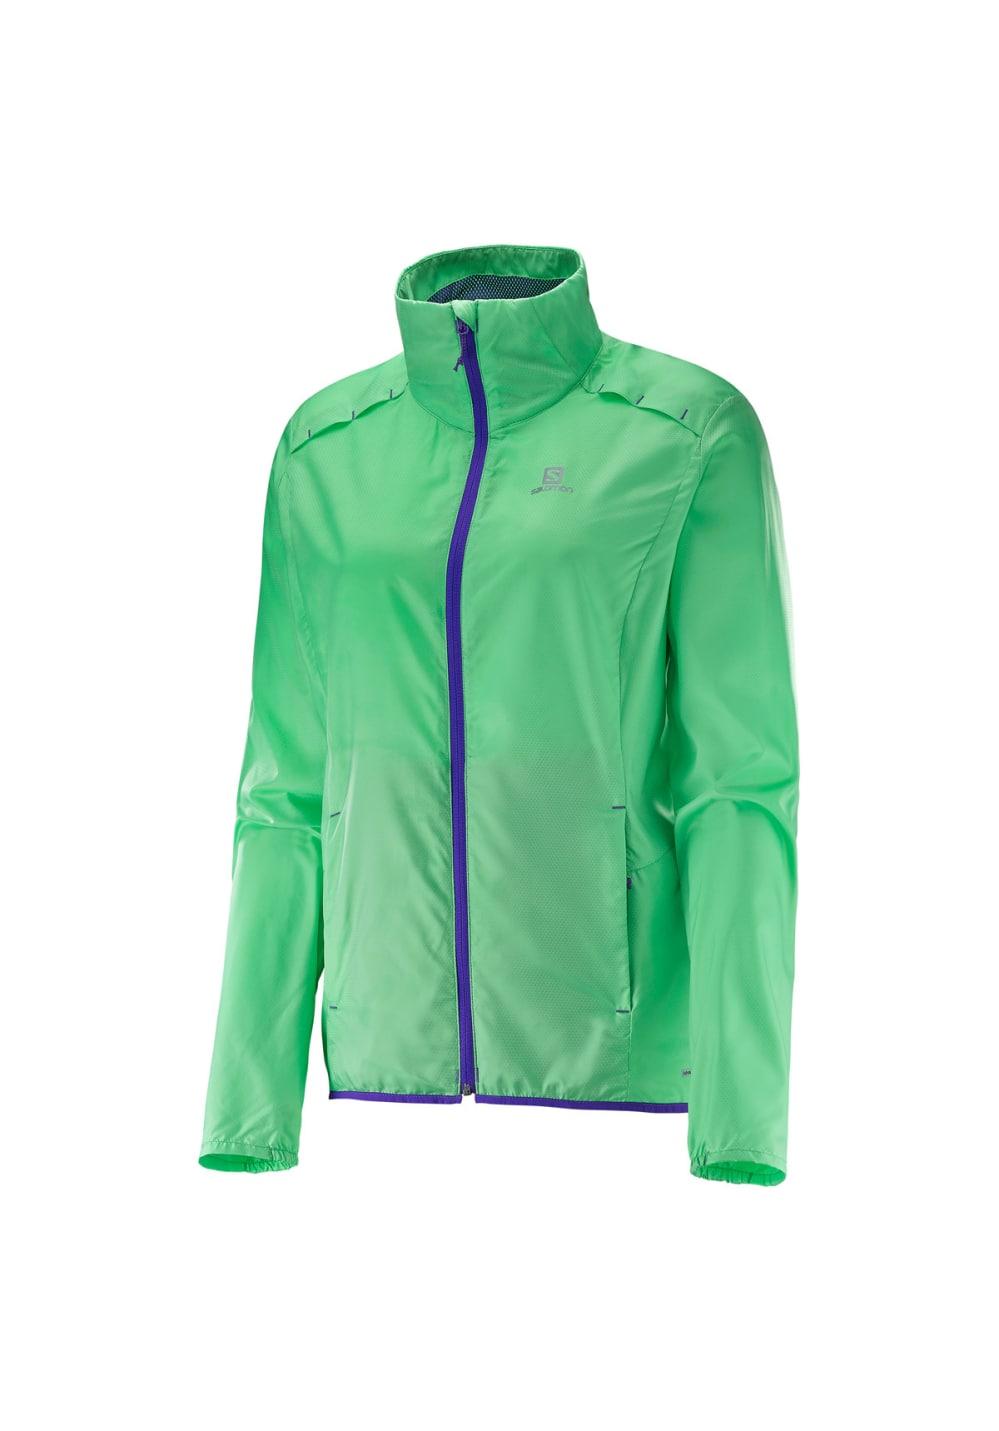 Salomon Agile Jacket - Laufjacken für Damen - Grün, Gr. XS